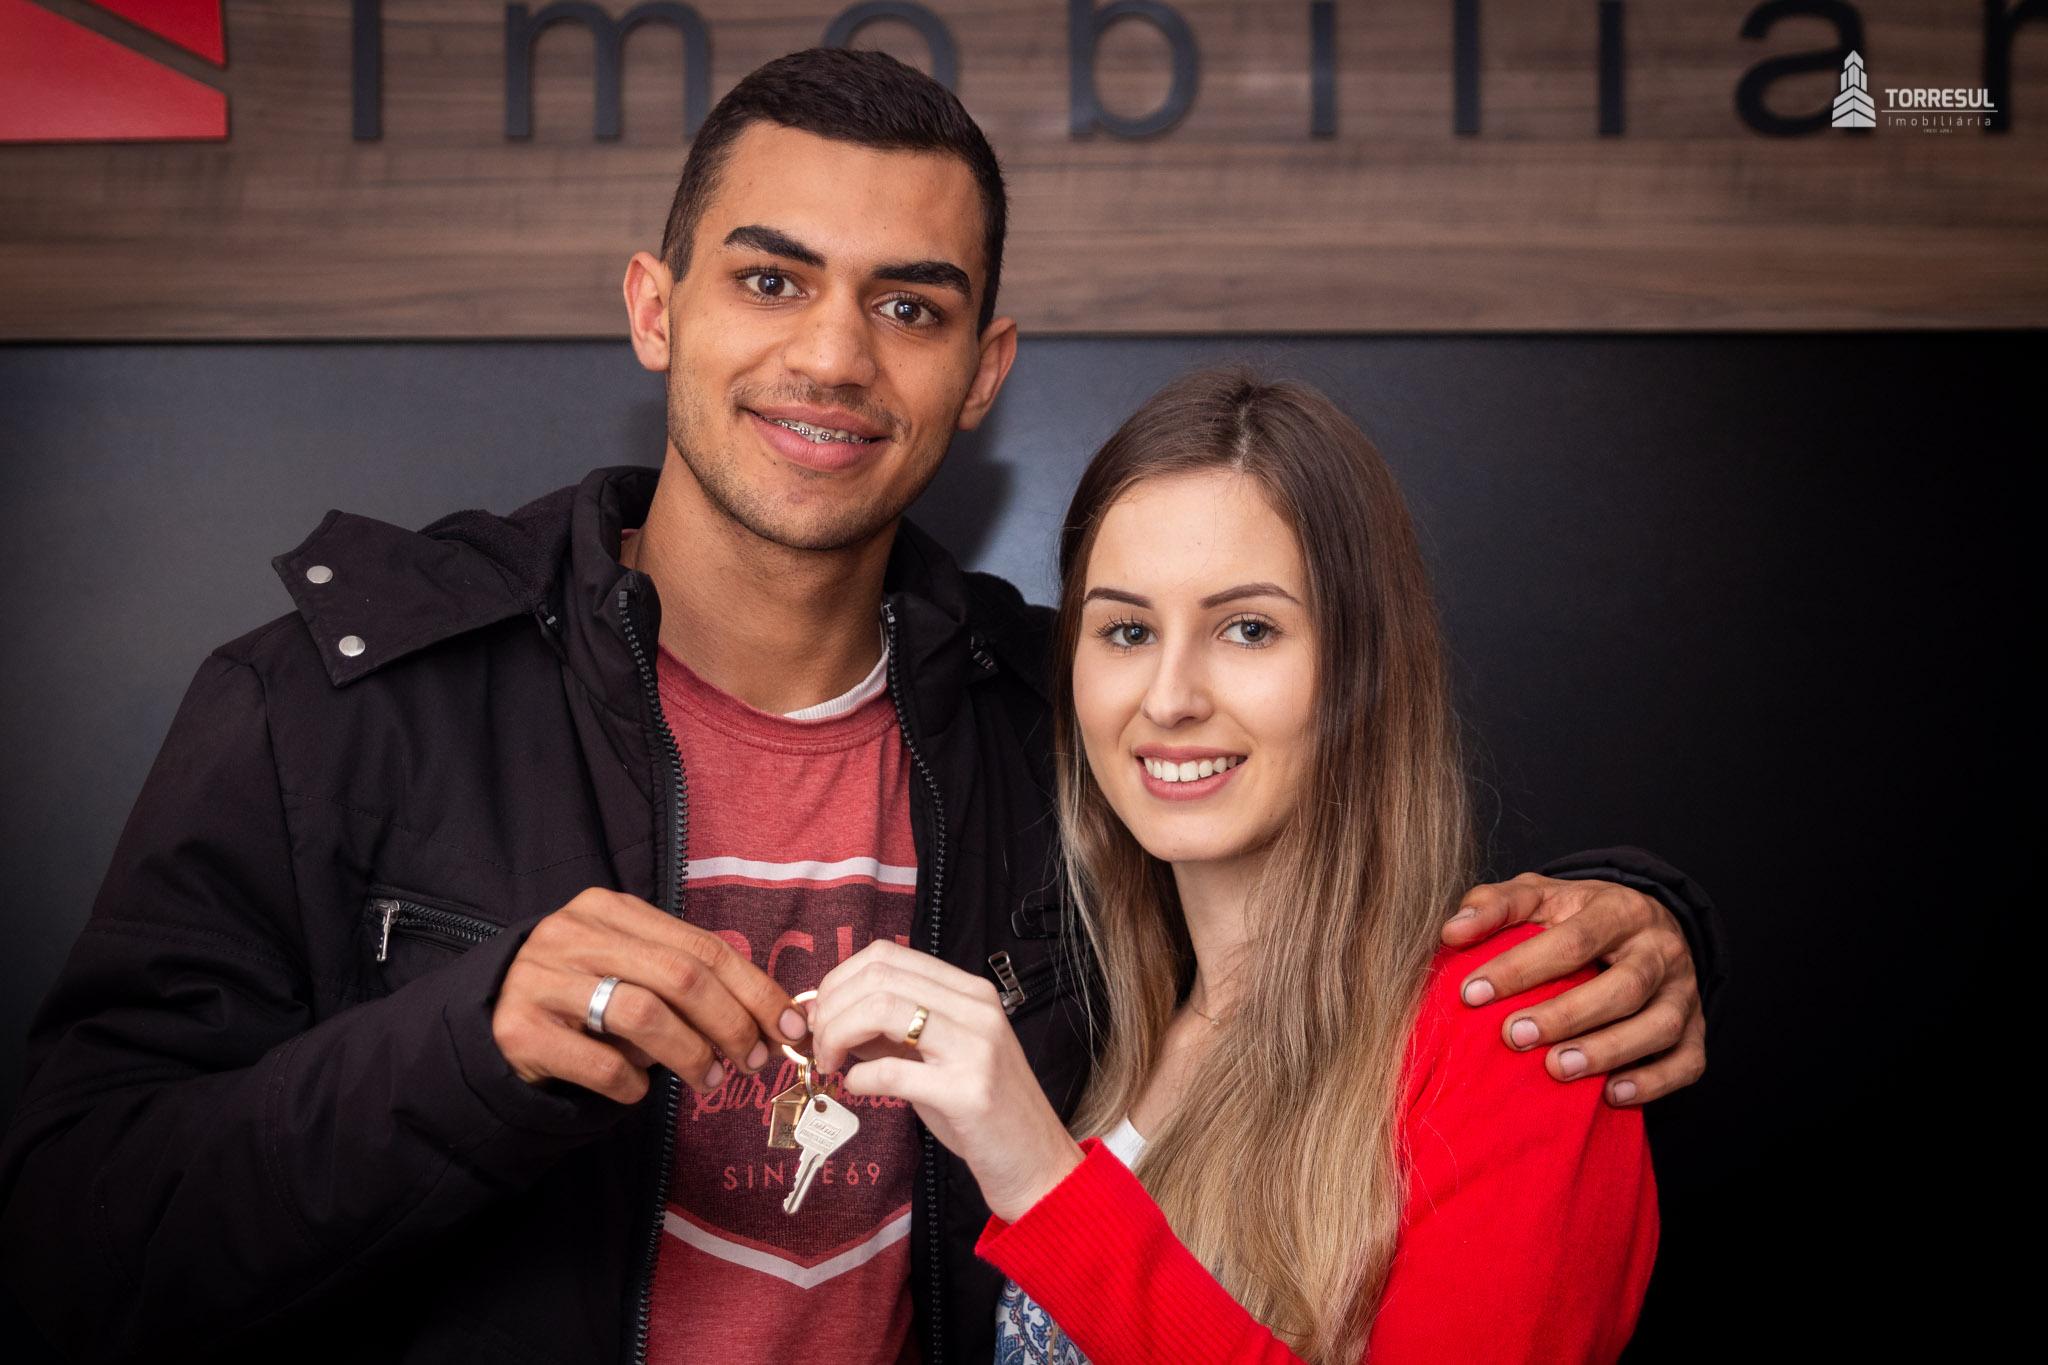 Jovem casal com as chaves da sua casa